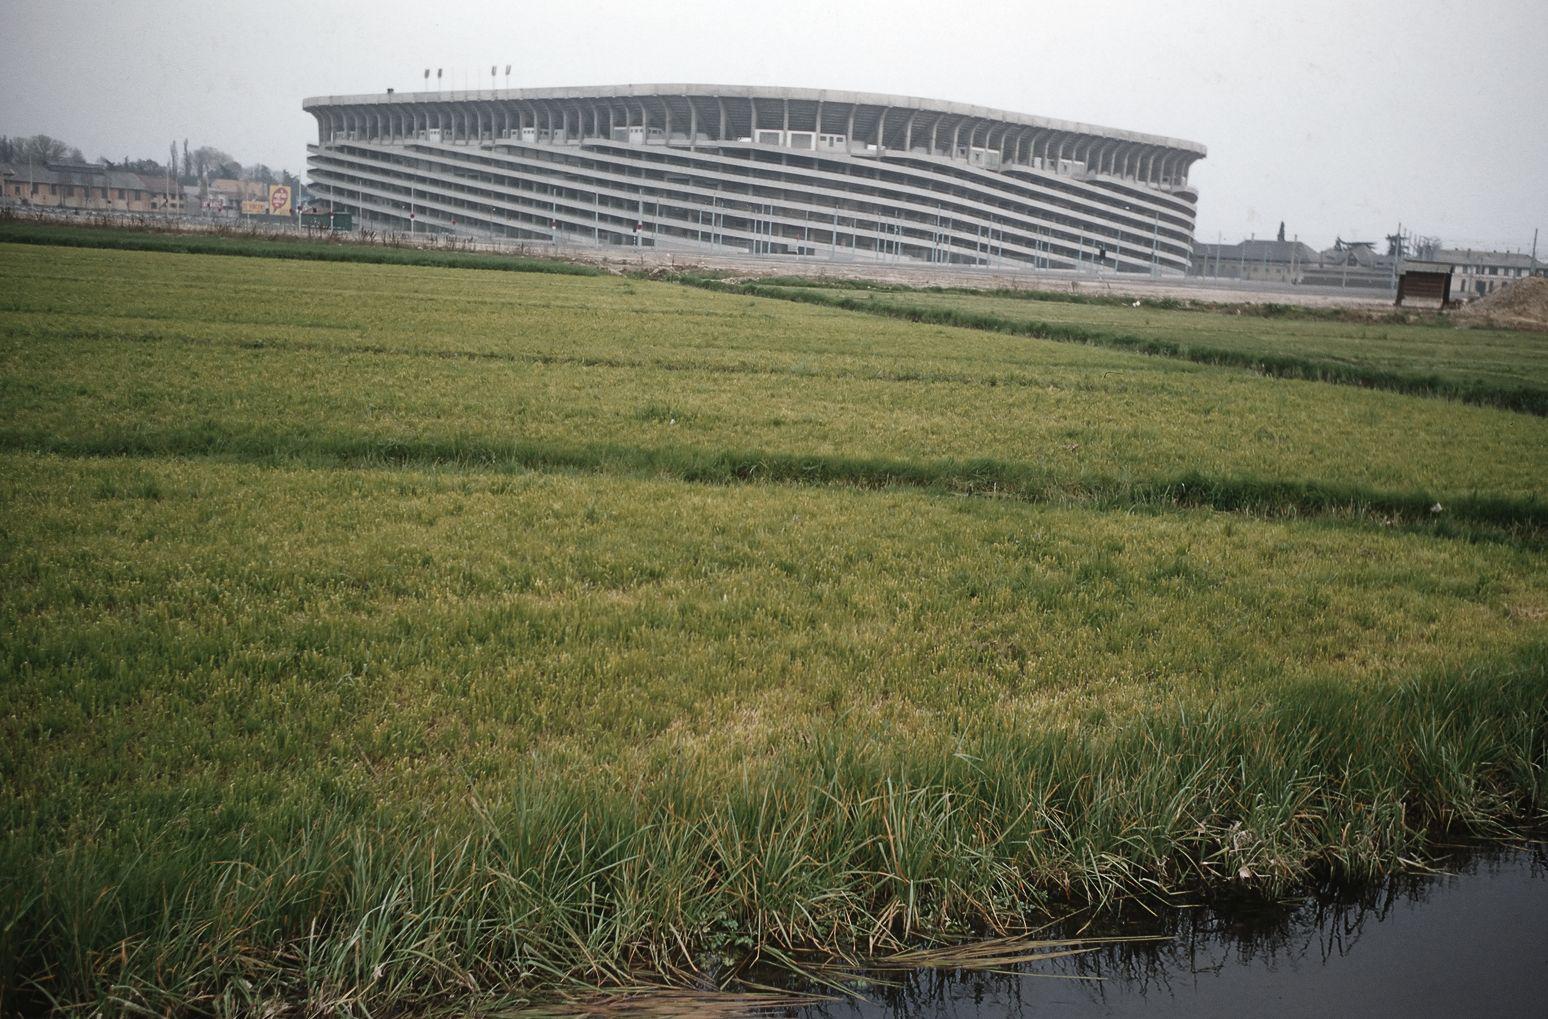 Stadio San Siro con risaie in primo piano, Milano, 1957